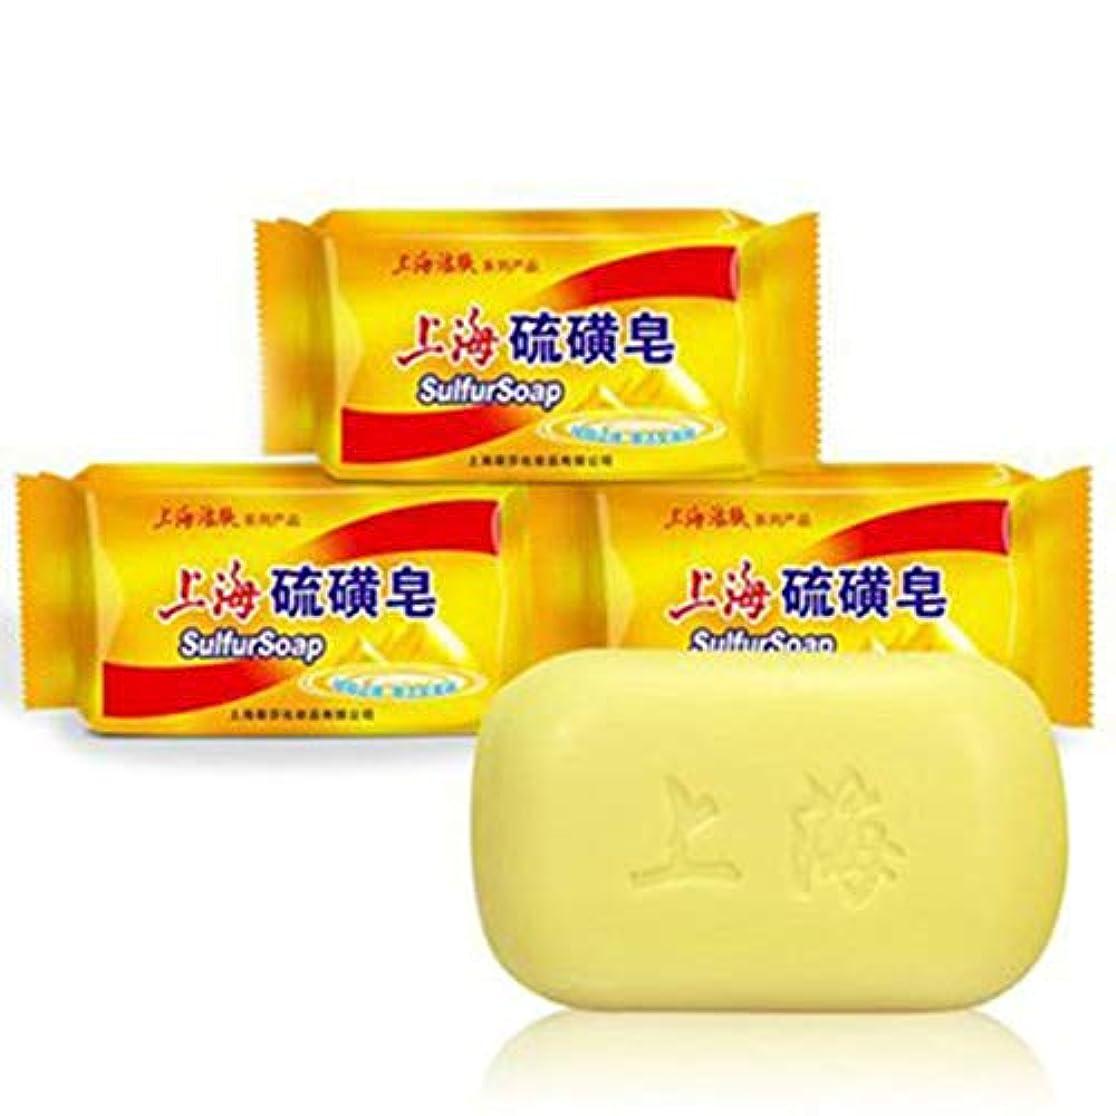 のため記者行商石鹸、ダニ石鹸入浴ユニセックス(3パック)に上海硫黄石鹸コントロールオイルフケ